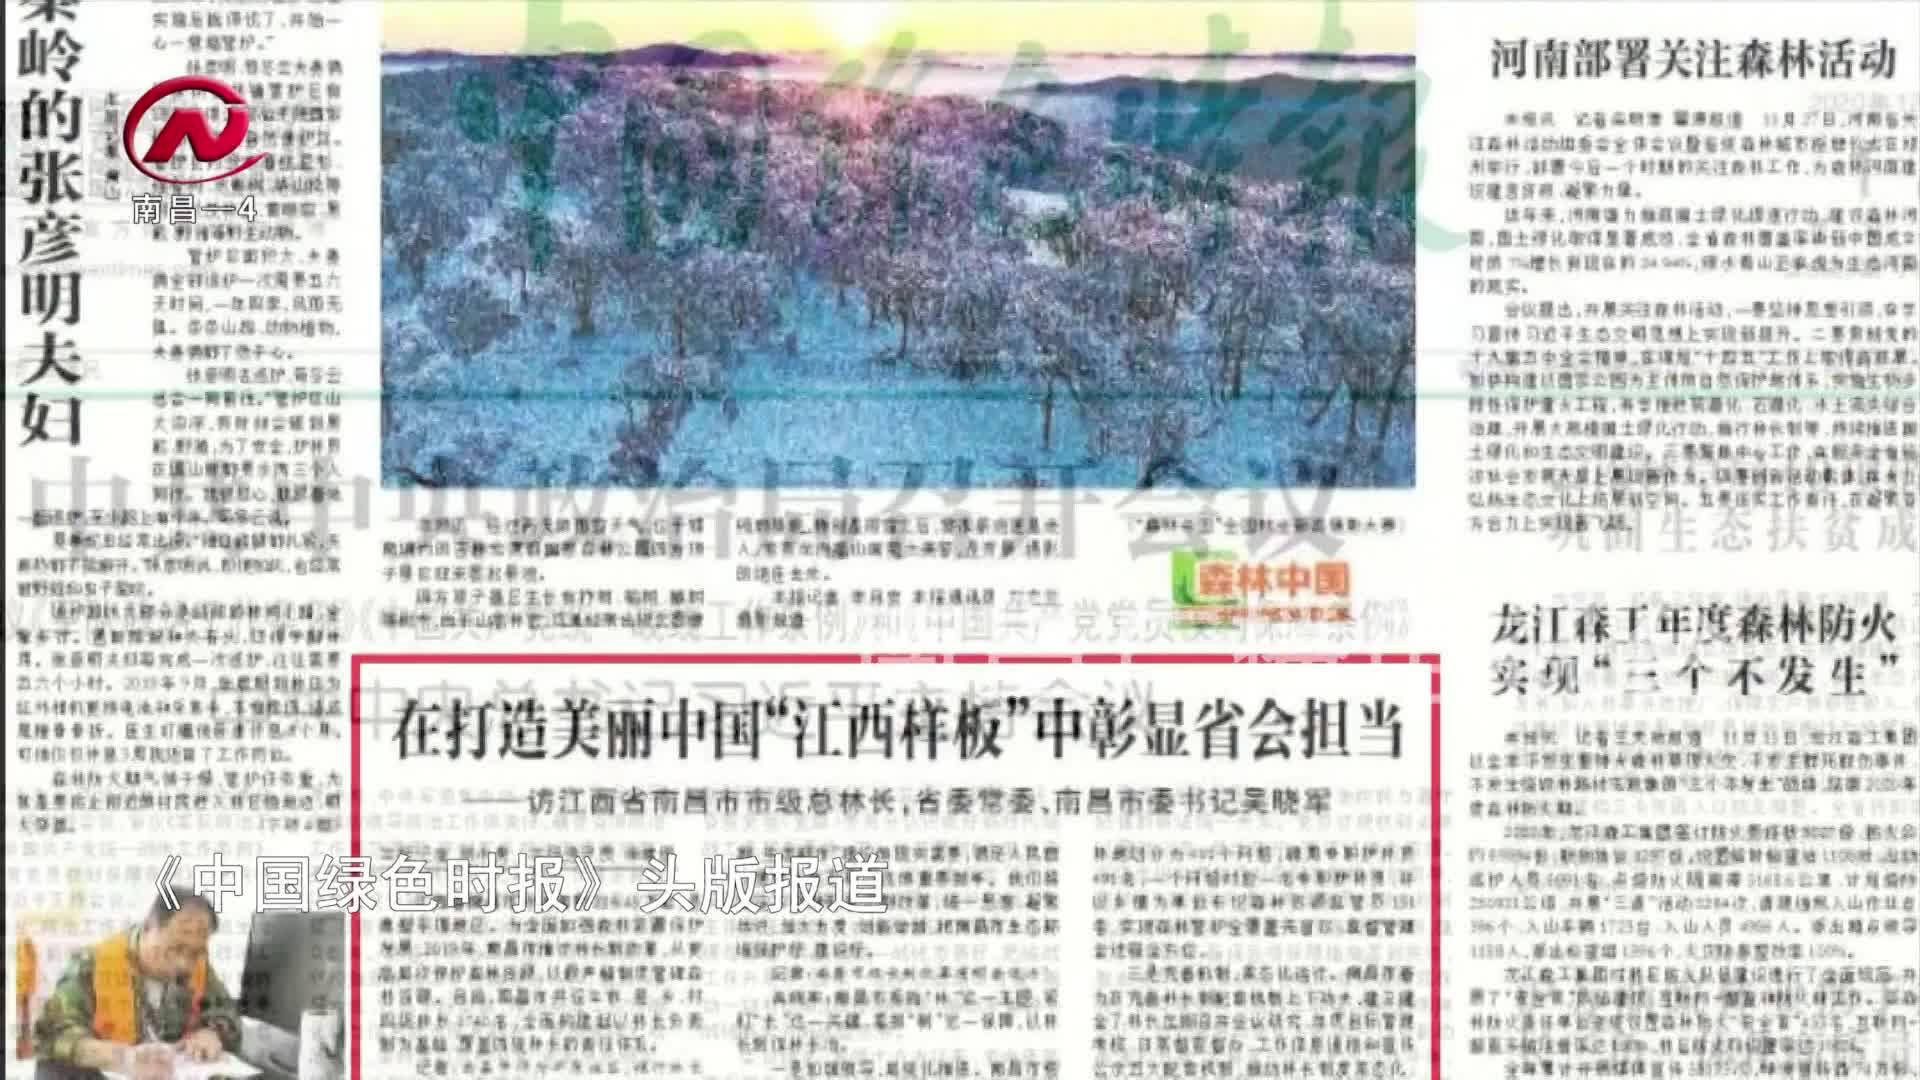 【豫章農視】楊馥寧:保護綠水青山 貢獻林業力量